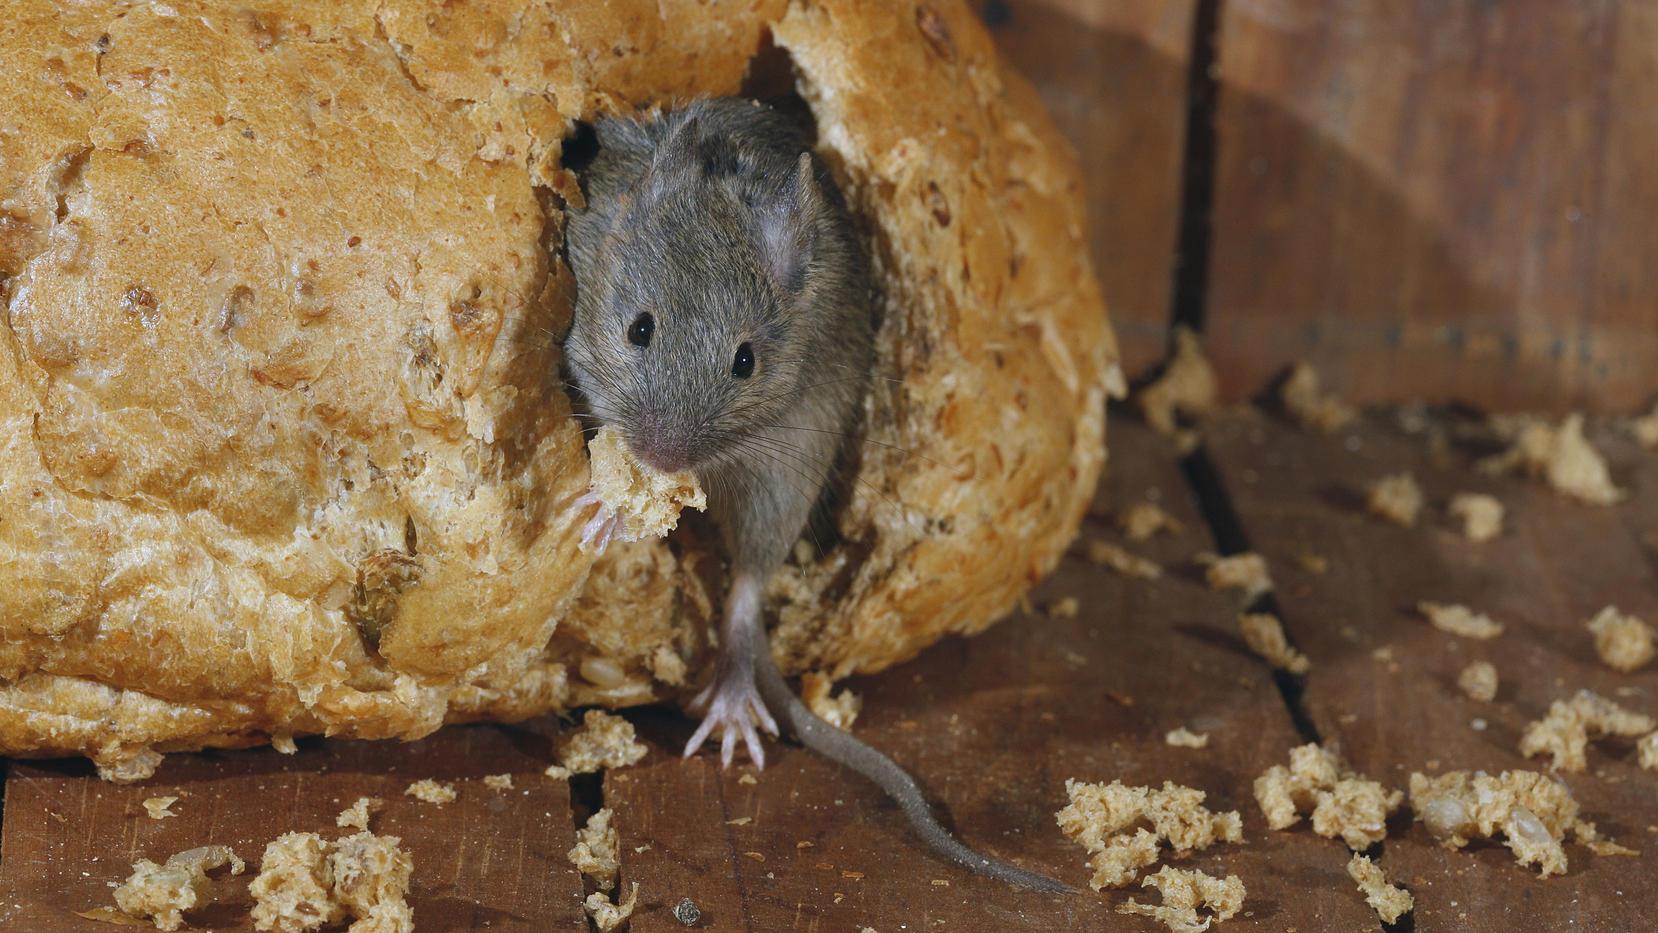 Mäuse fangen: So klappt es natürlich - ohne Gift oder